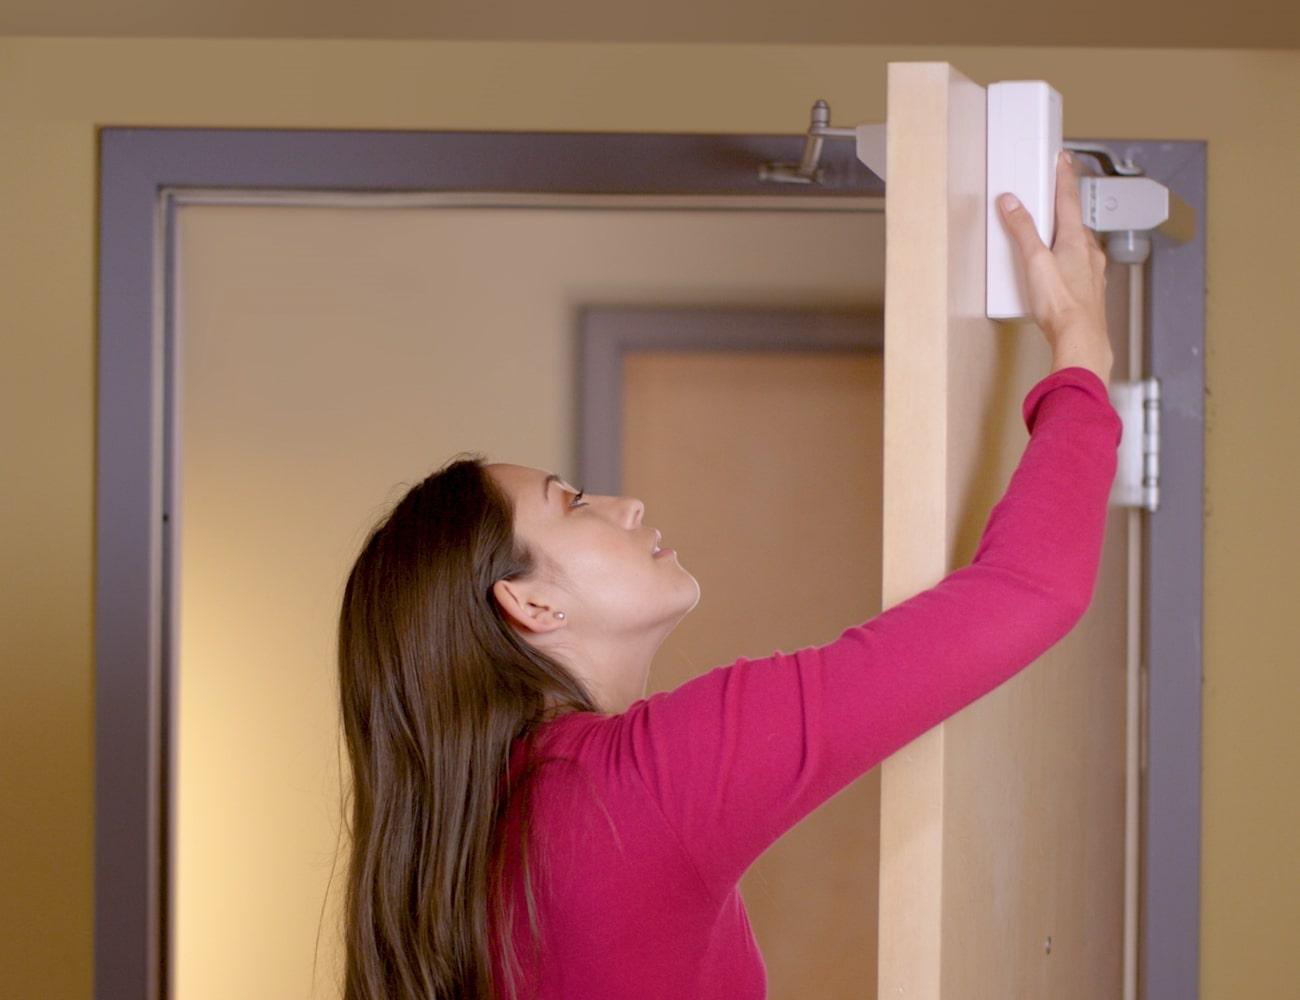 Remo+ DoorCam Over-The-Door Smart Security Camera fits on any door